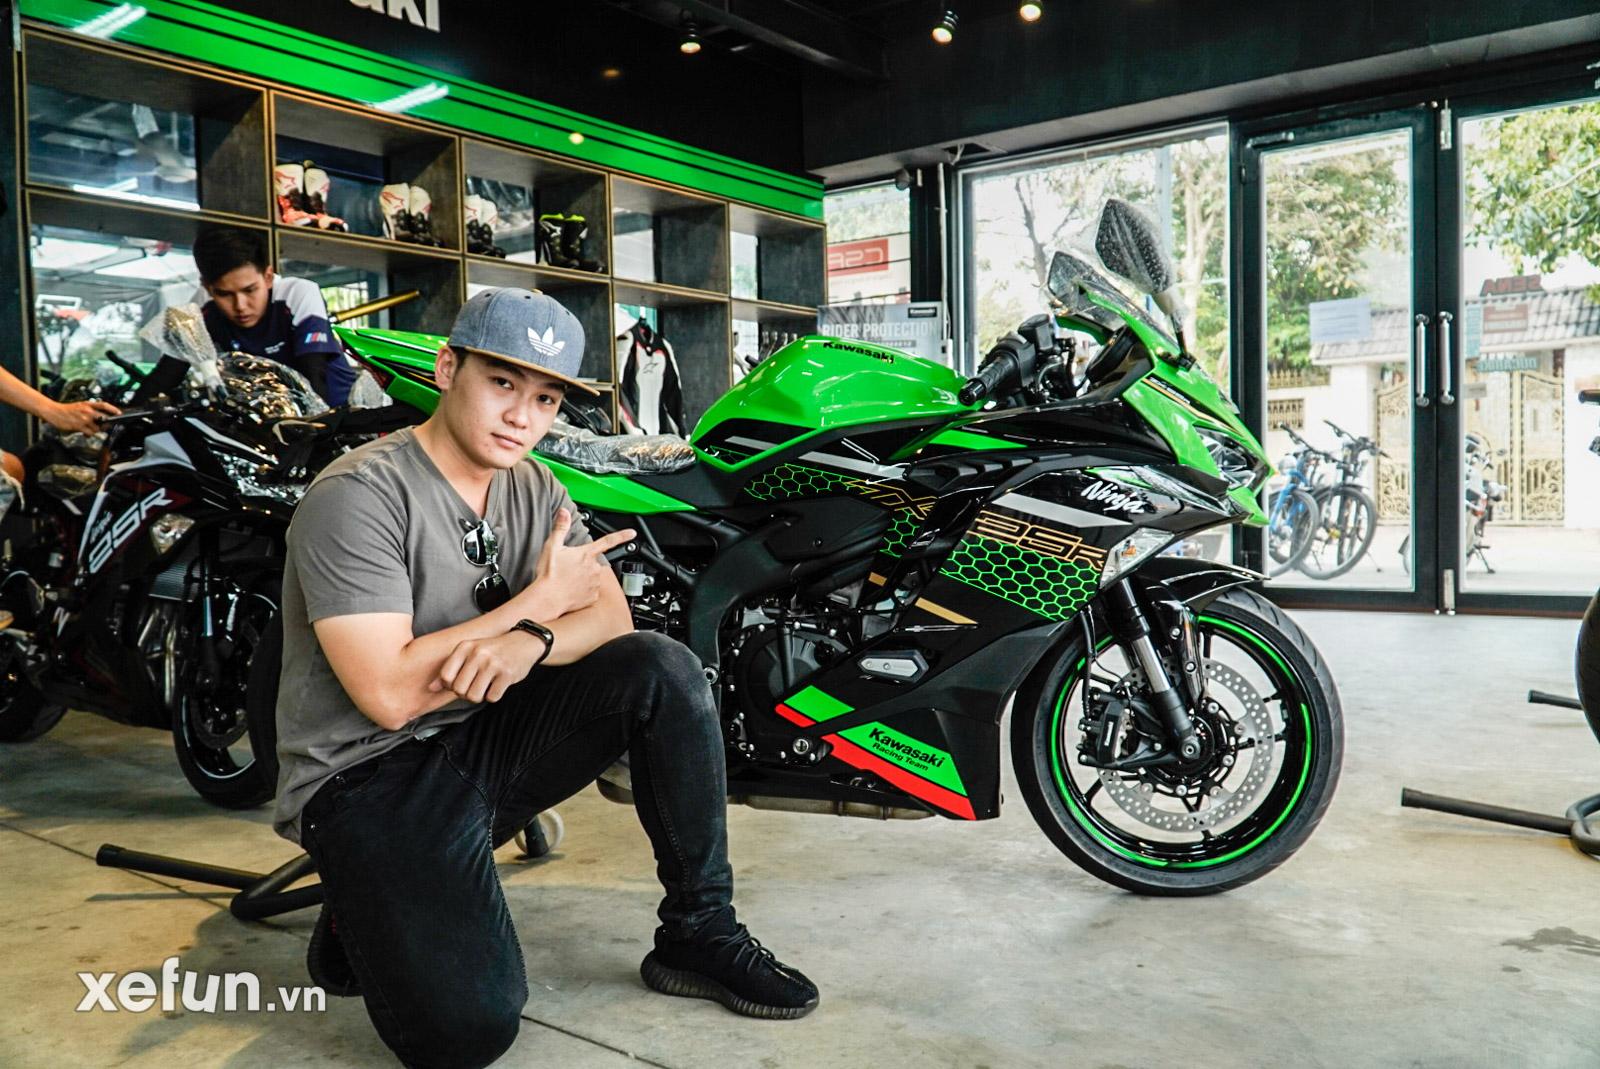 Kawasaki Ninja ZX25R 2021 kèm giá bán lộ ảnh thực tế kèm giá bán Ninja ZX25R 2021 có gì mới? Quên CBR250RR của Honda đi Kawasaki ZX25R không có đối thủ